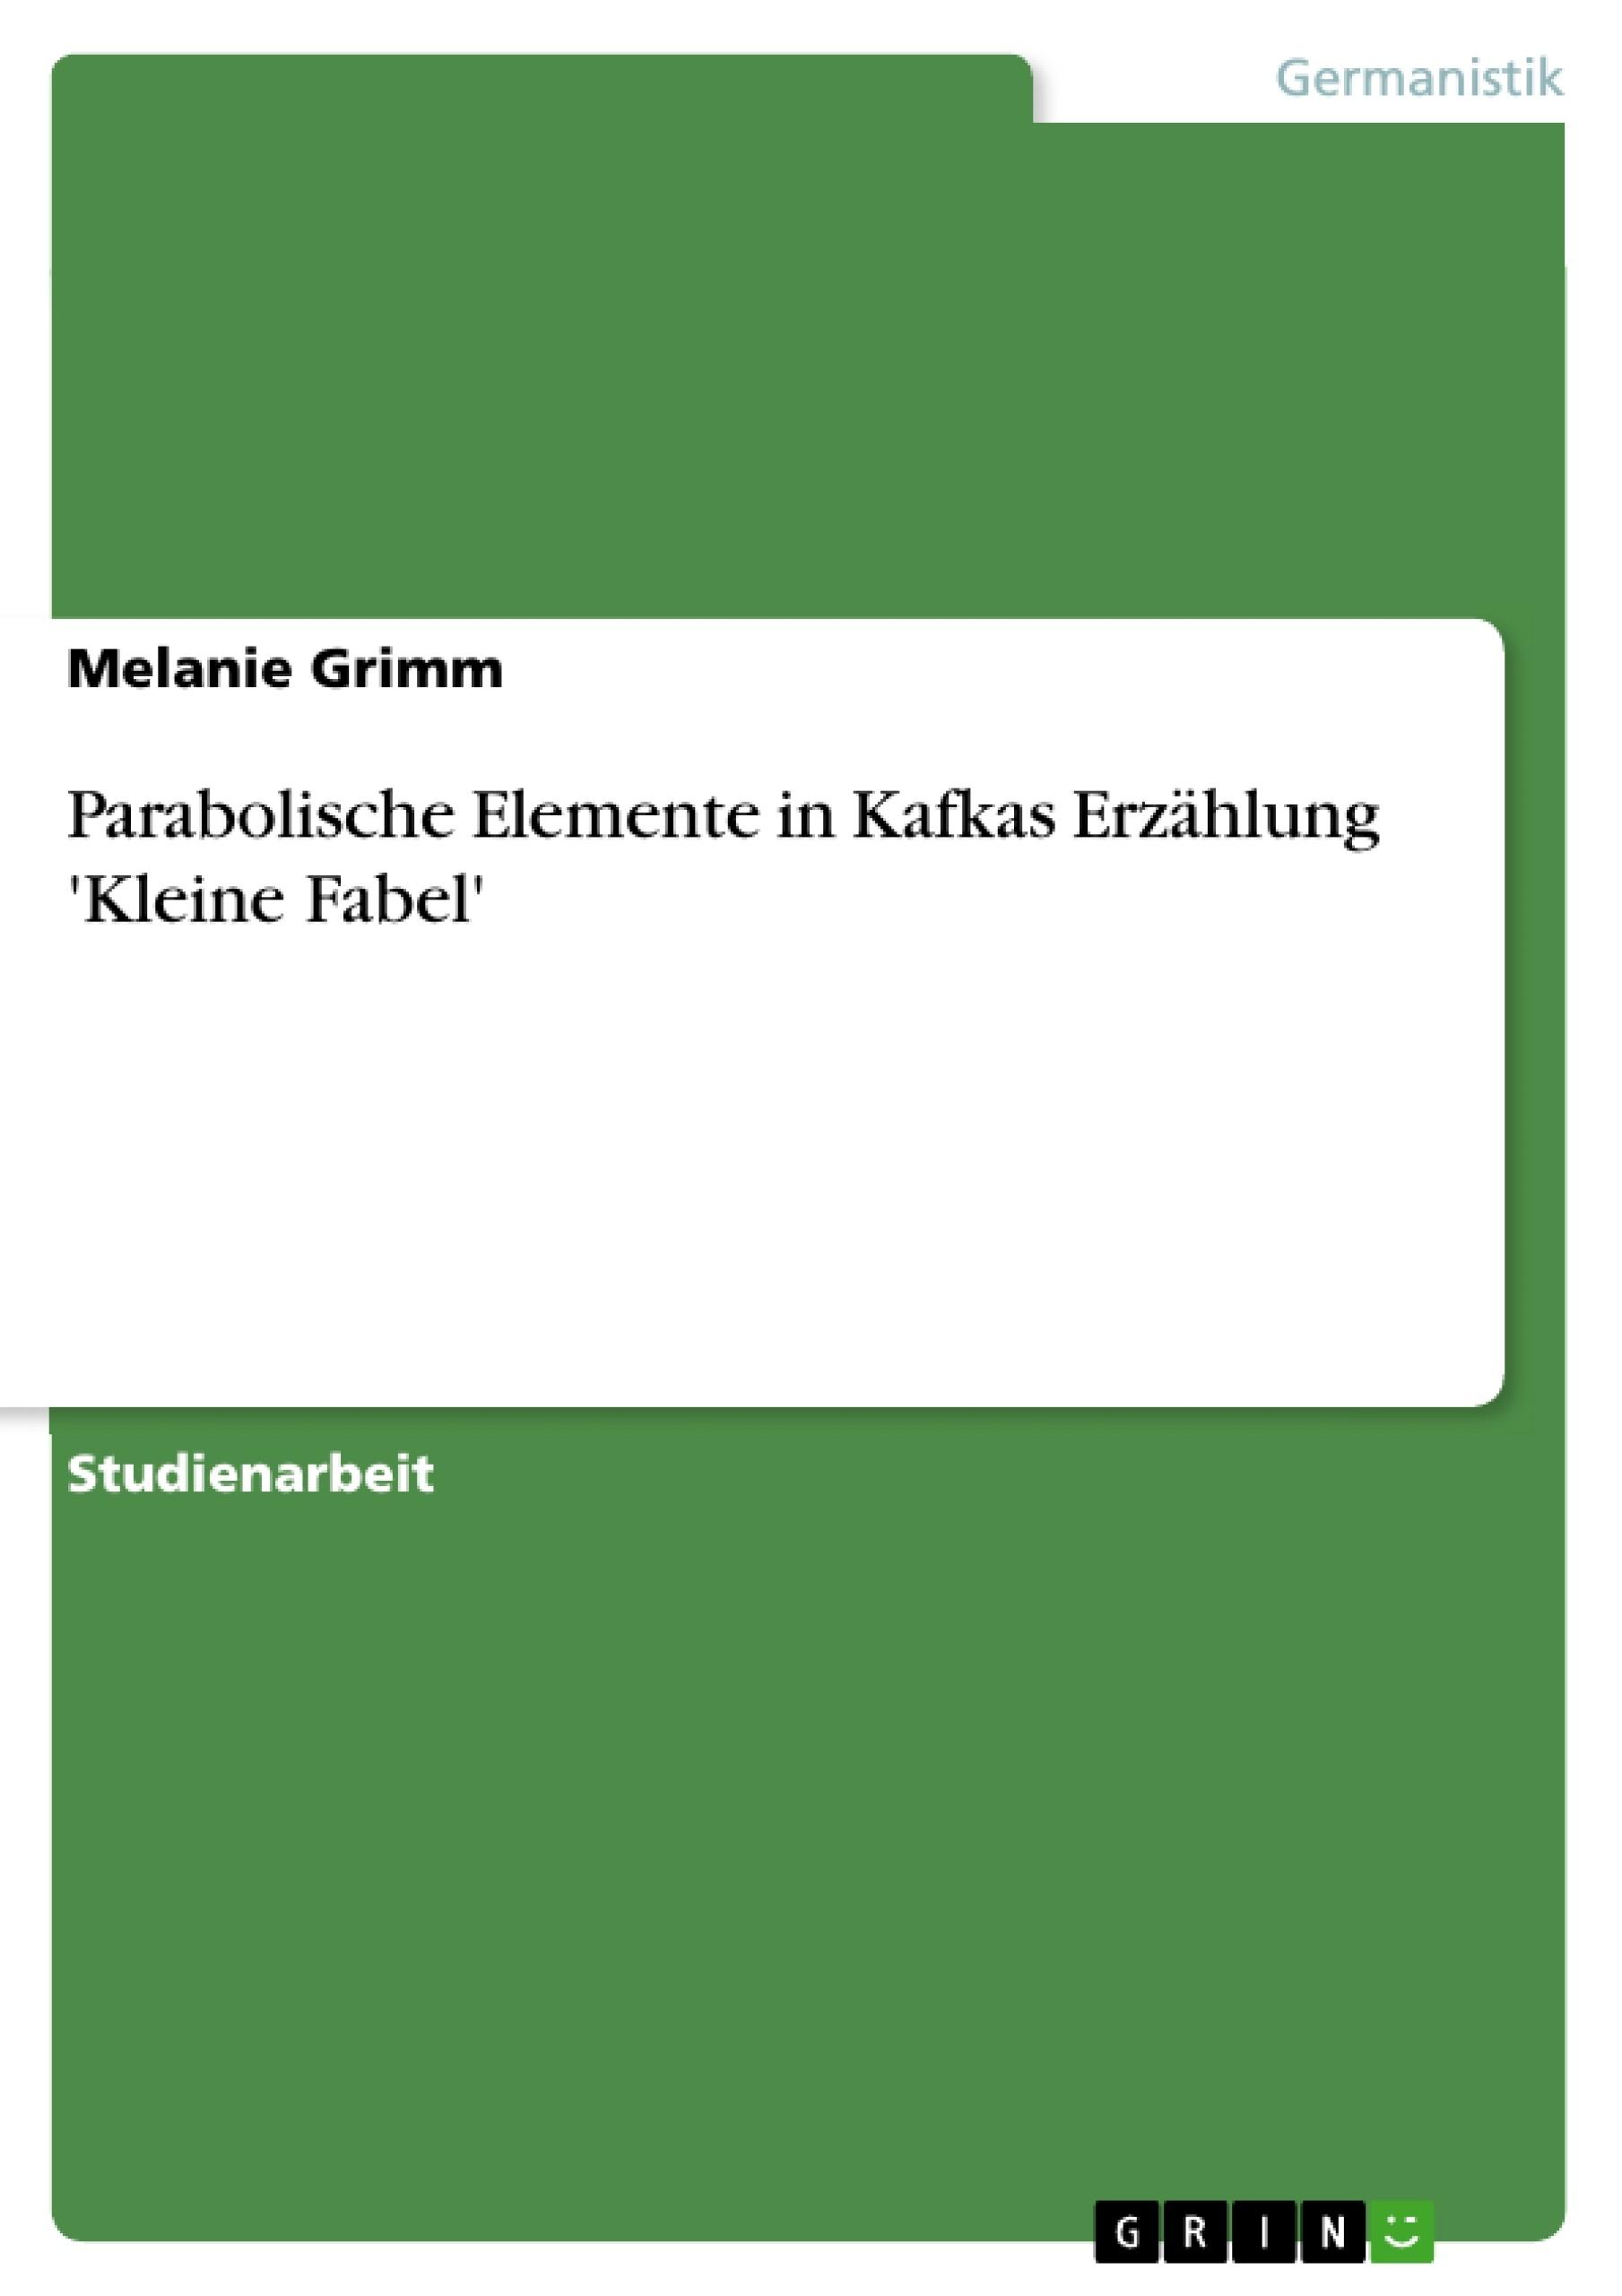 Titel: Parabolische Elemente in Kafkas  Erzählung 'Kleine Fabel'